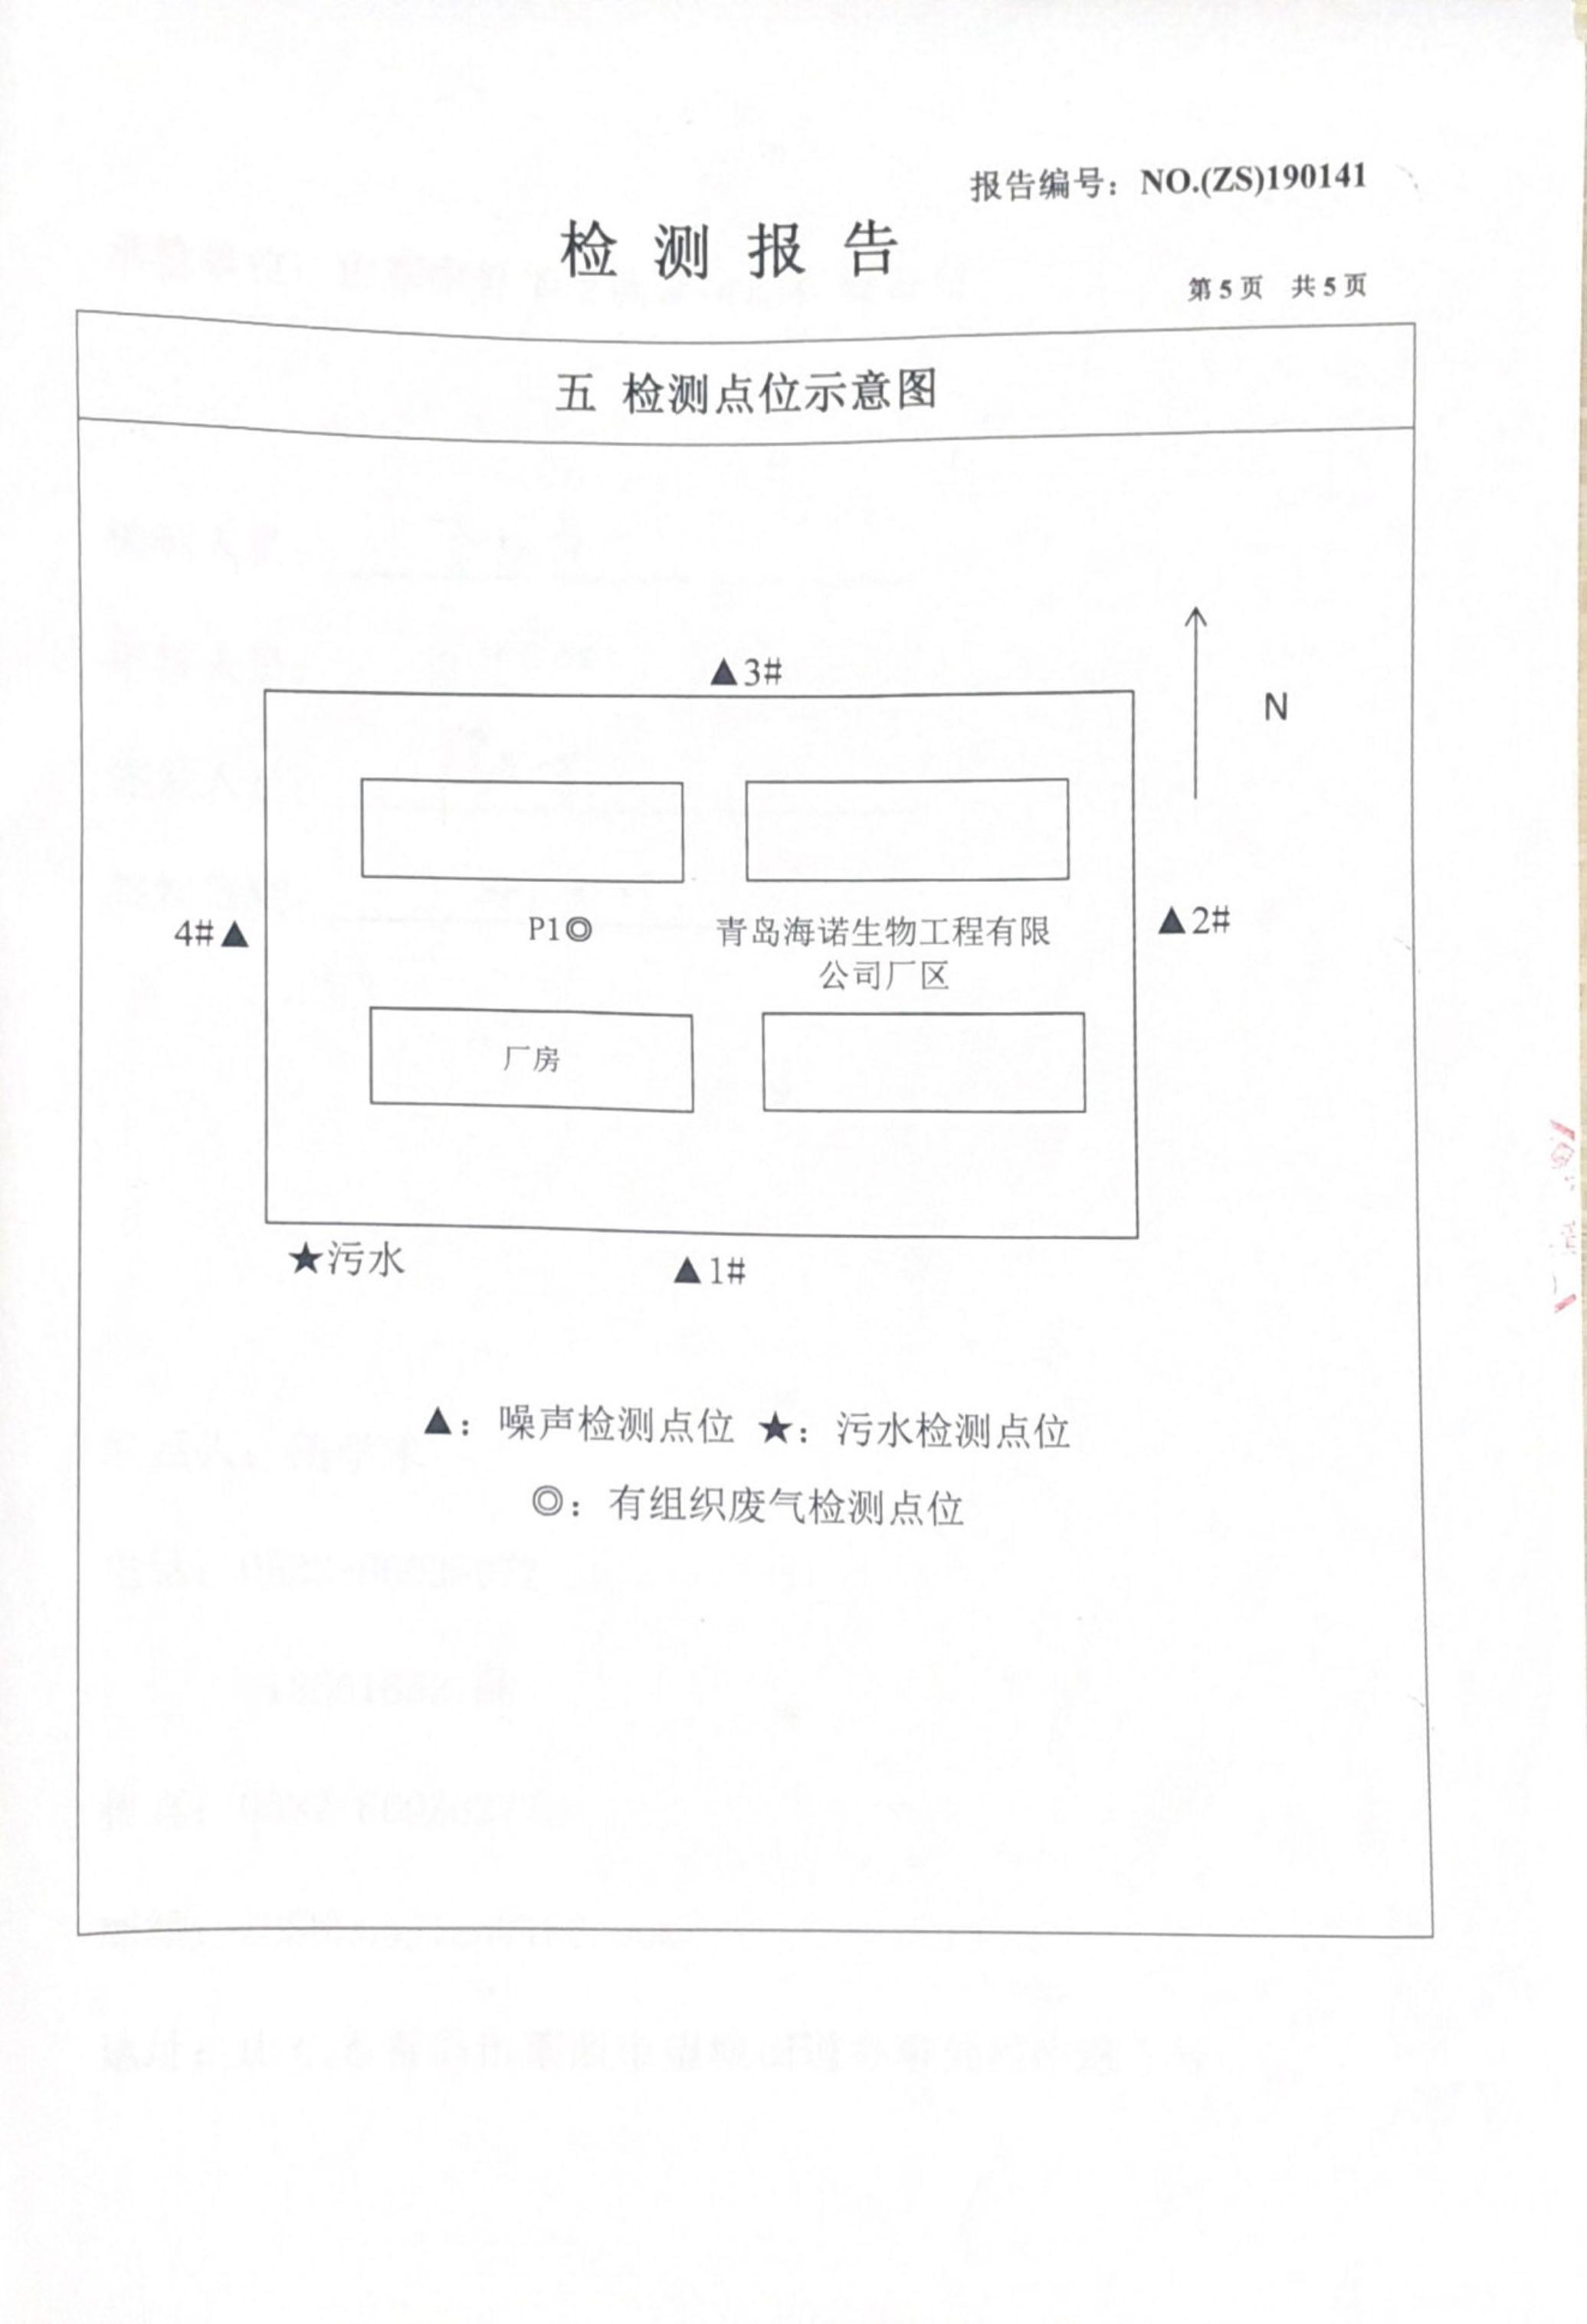 青岛海诺生物工程有限公司自行检测报告-7